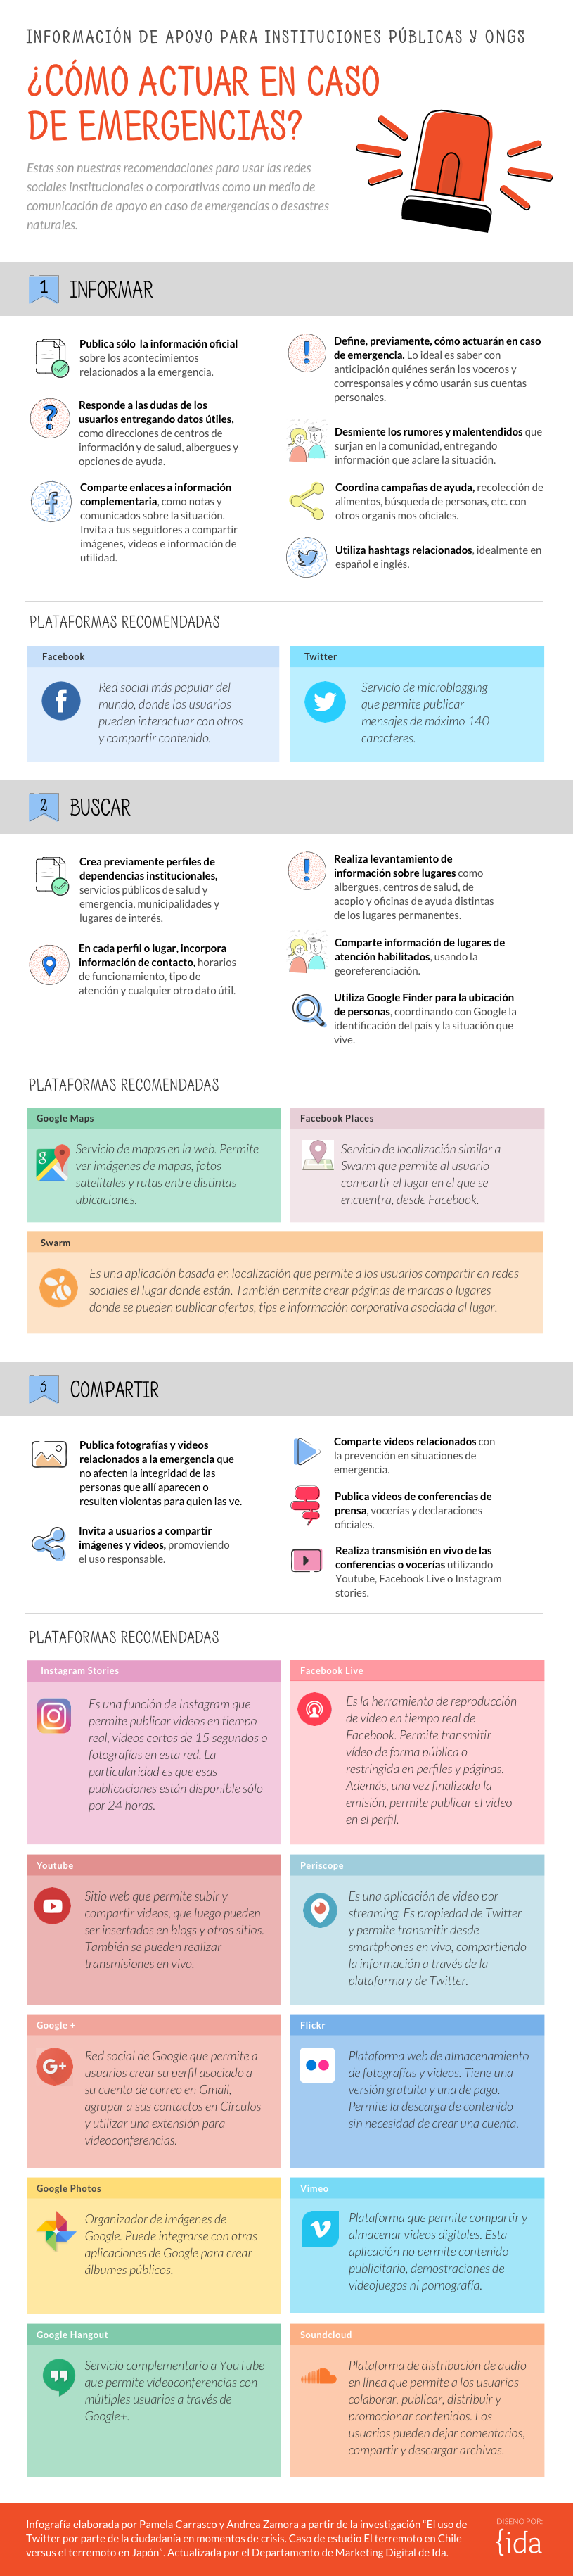 Cómo actuar en casos de emergencias en Redes Sociales #infografia #socialmedia